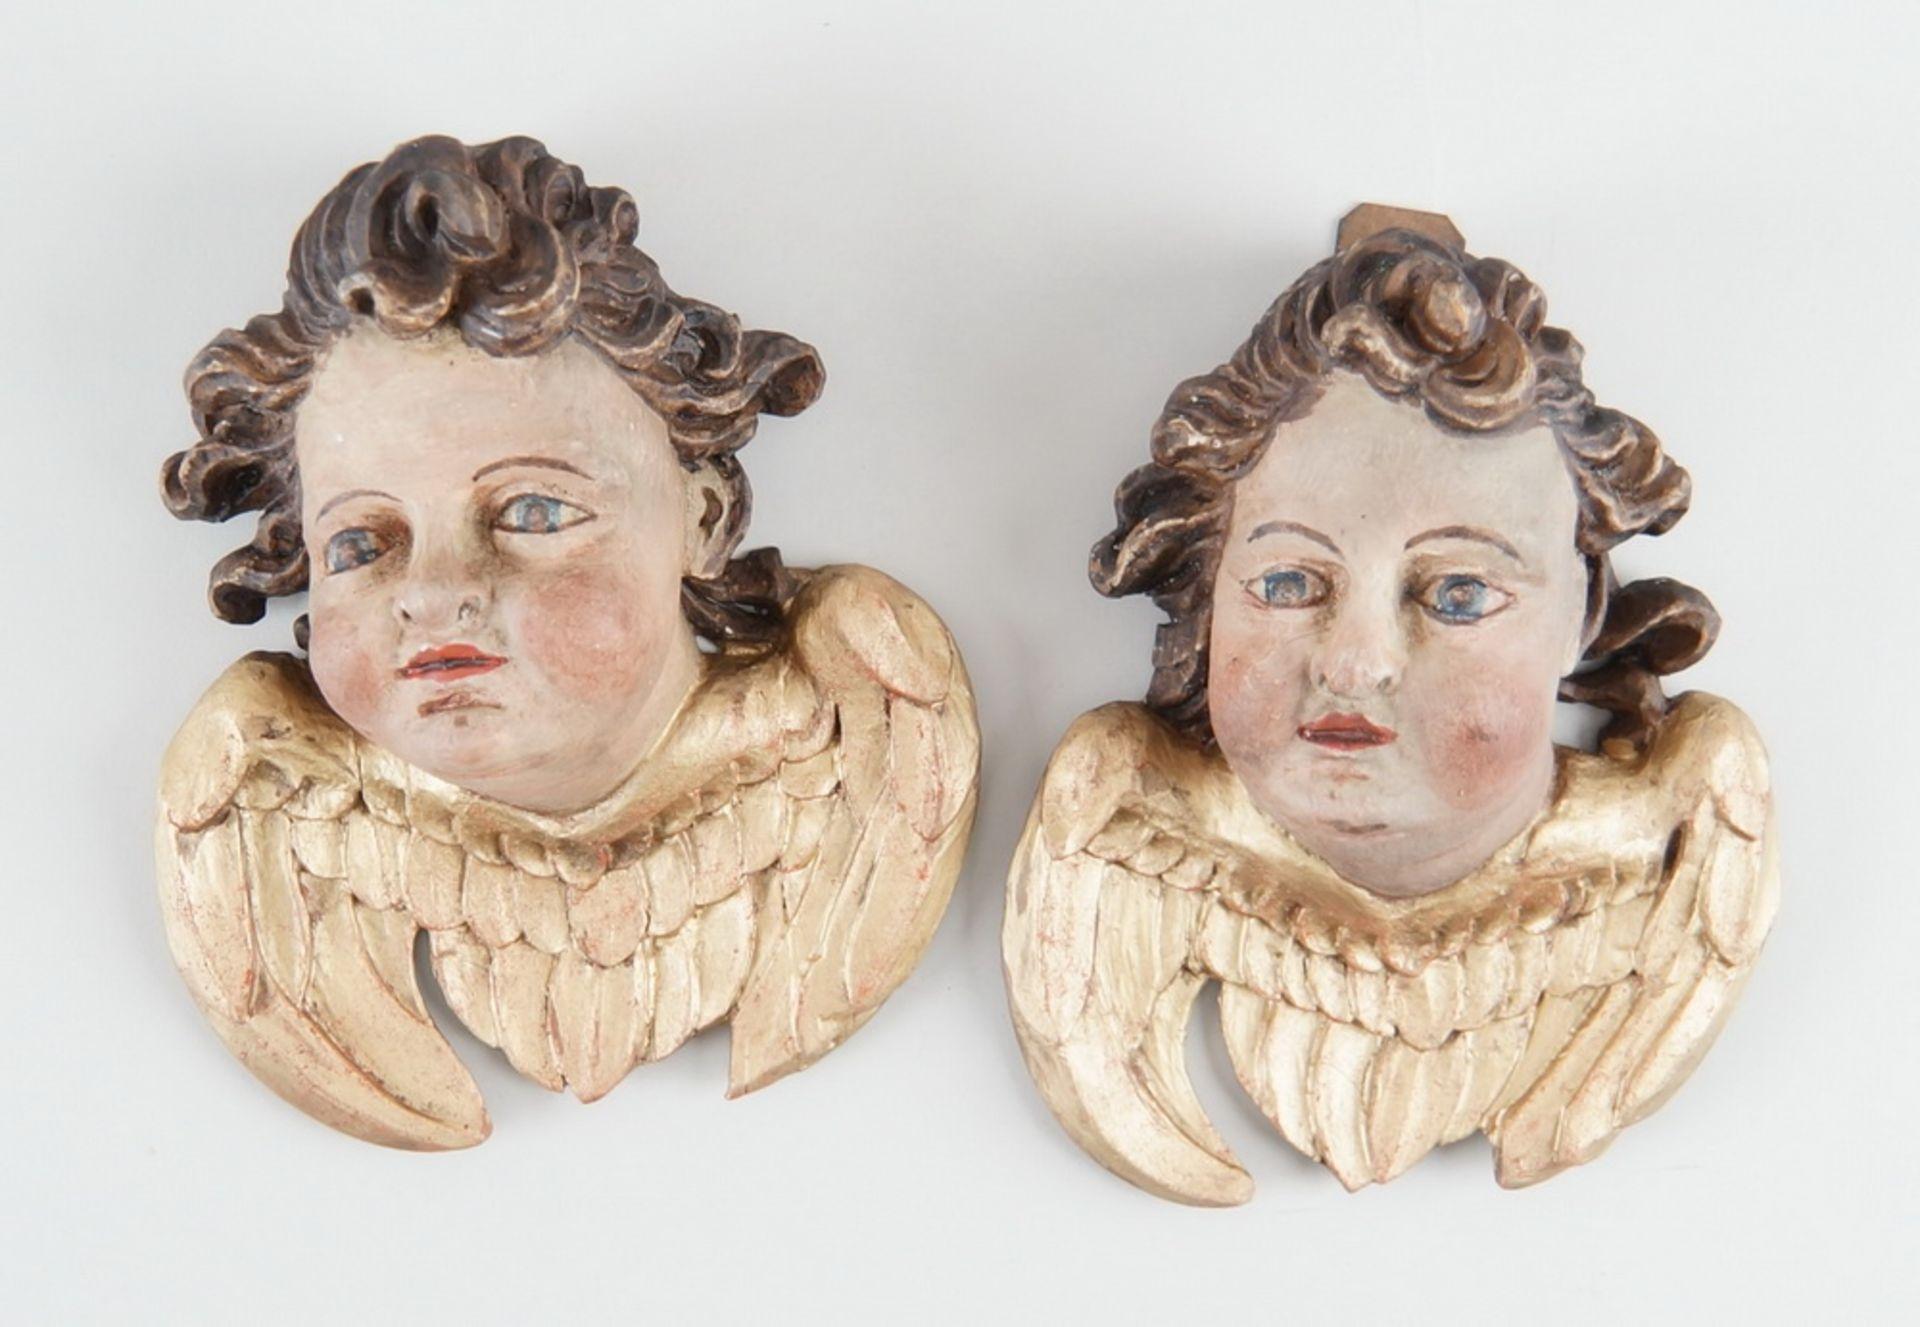 Paar Engelsköpfe mit Flügel, Holz geschnitzt und gefasst, 18. JH, rest., H ca. 20 cm